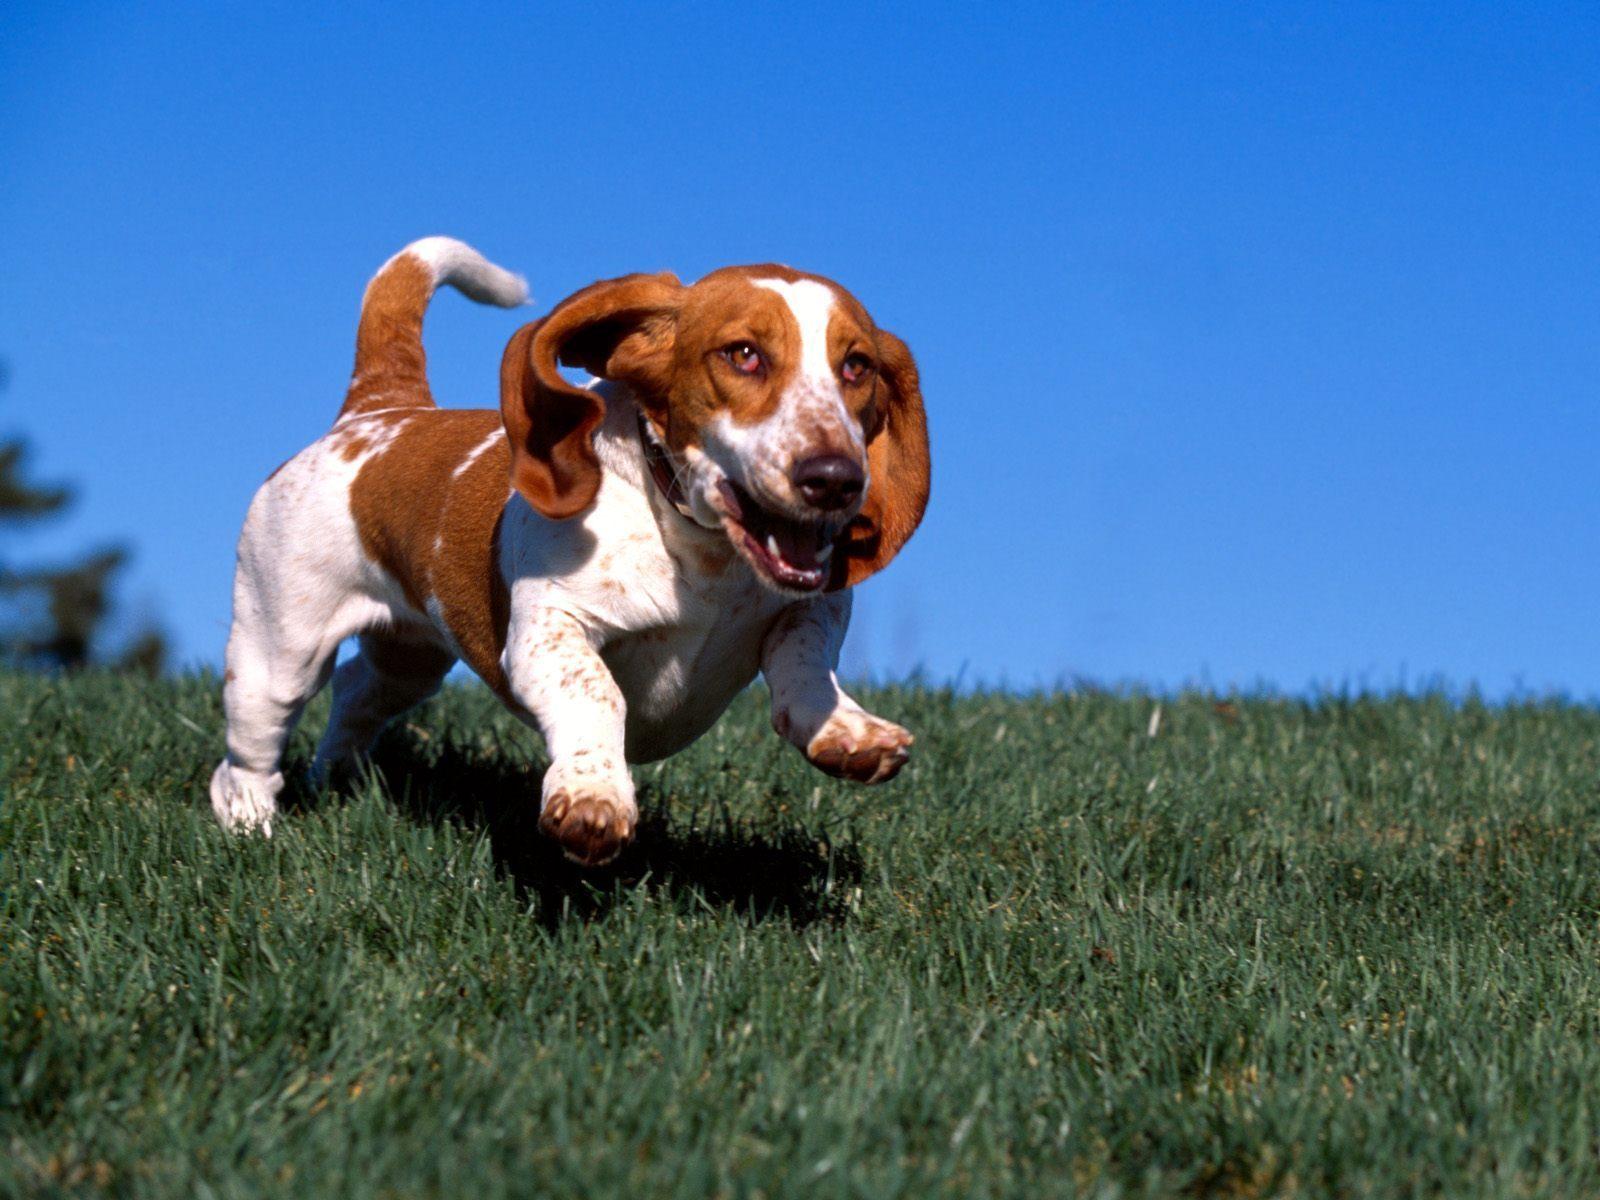 Its A Hound Dog wallpaper 1600x1200